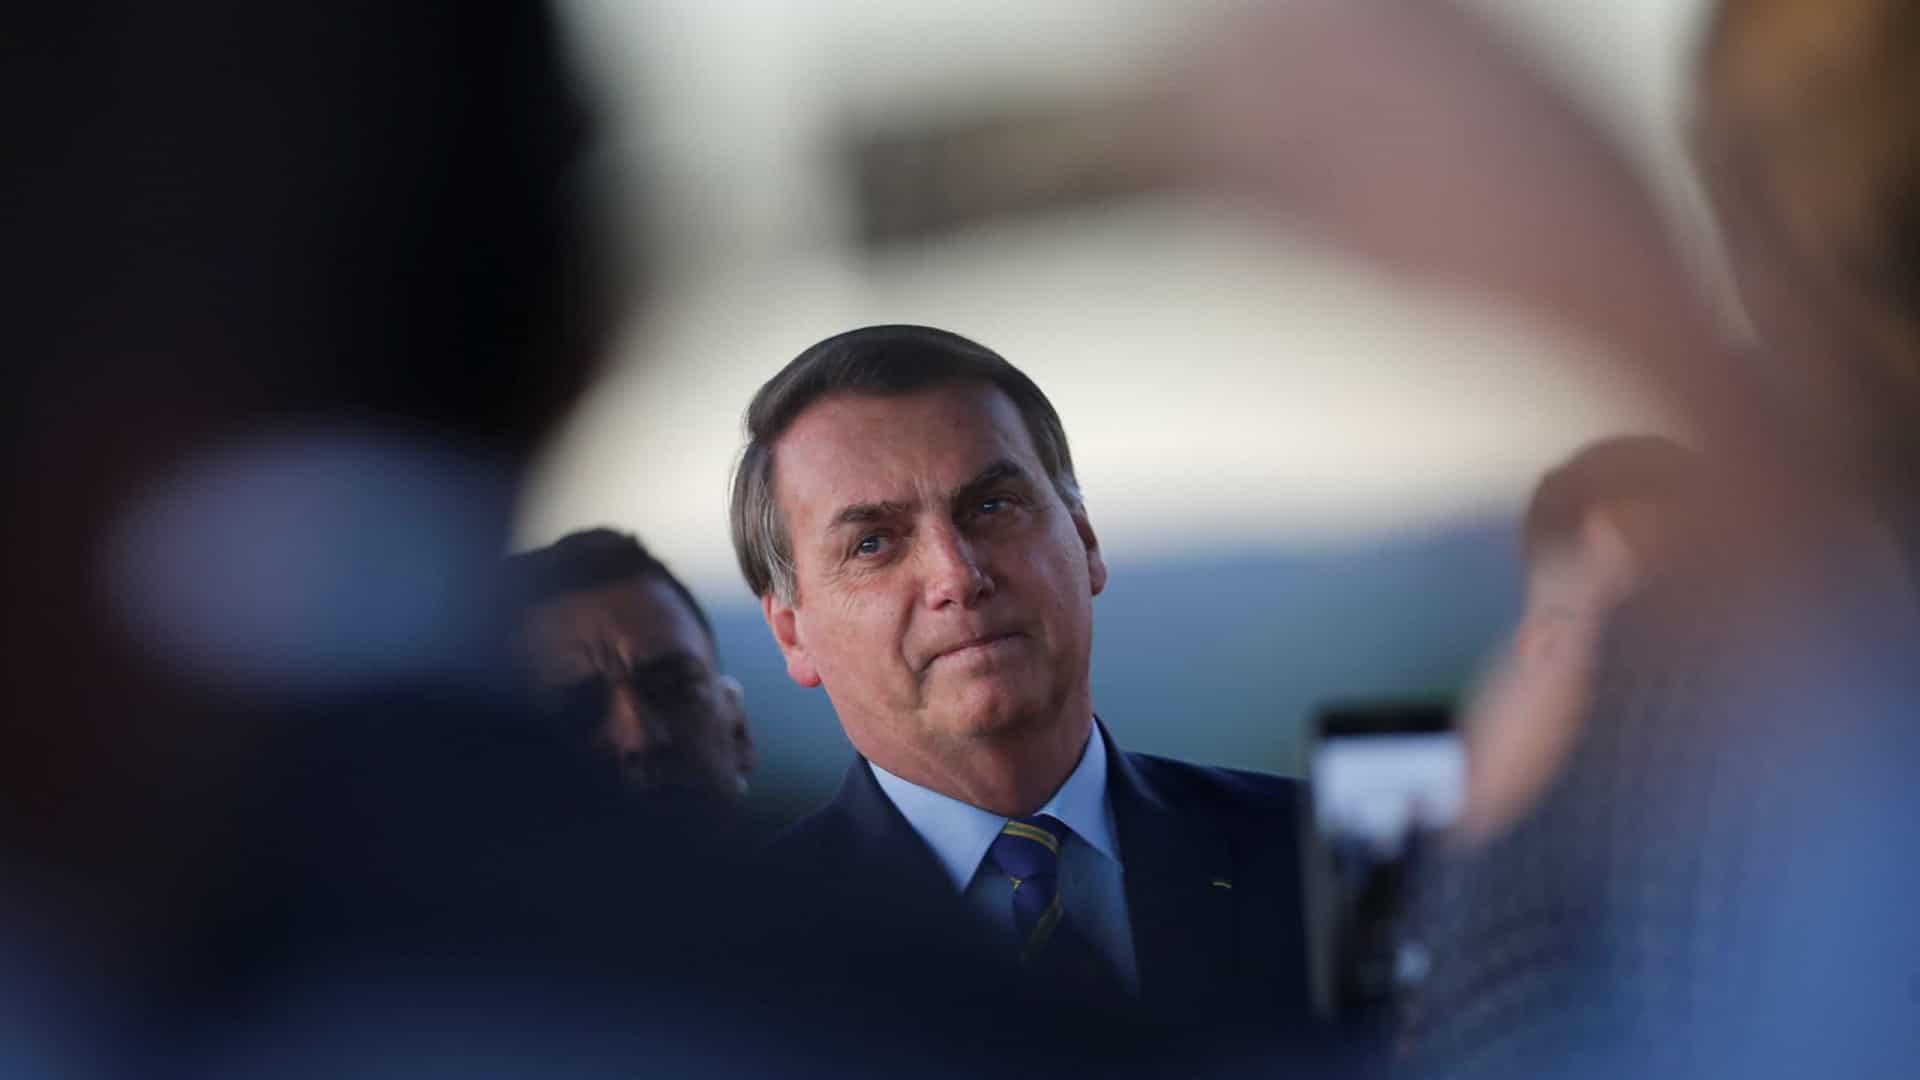 naom 5e83f4e2a0a9b - Bolsonaro: na parte econômica, o Brasil foi o que melhor se saiu (na pandemia)